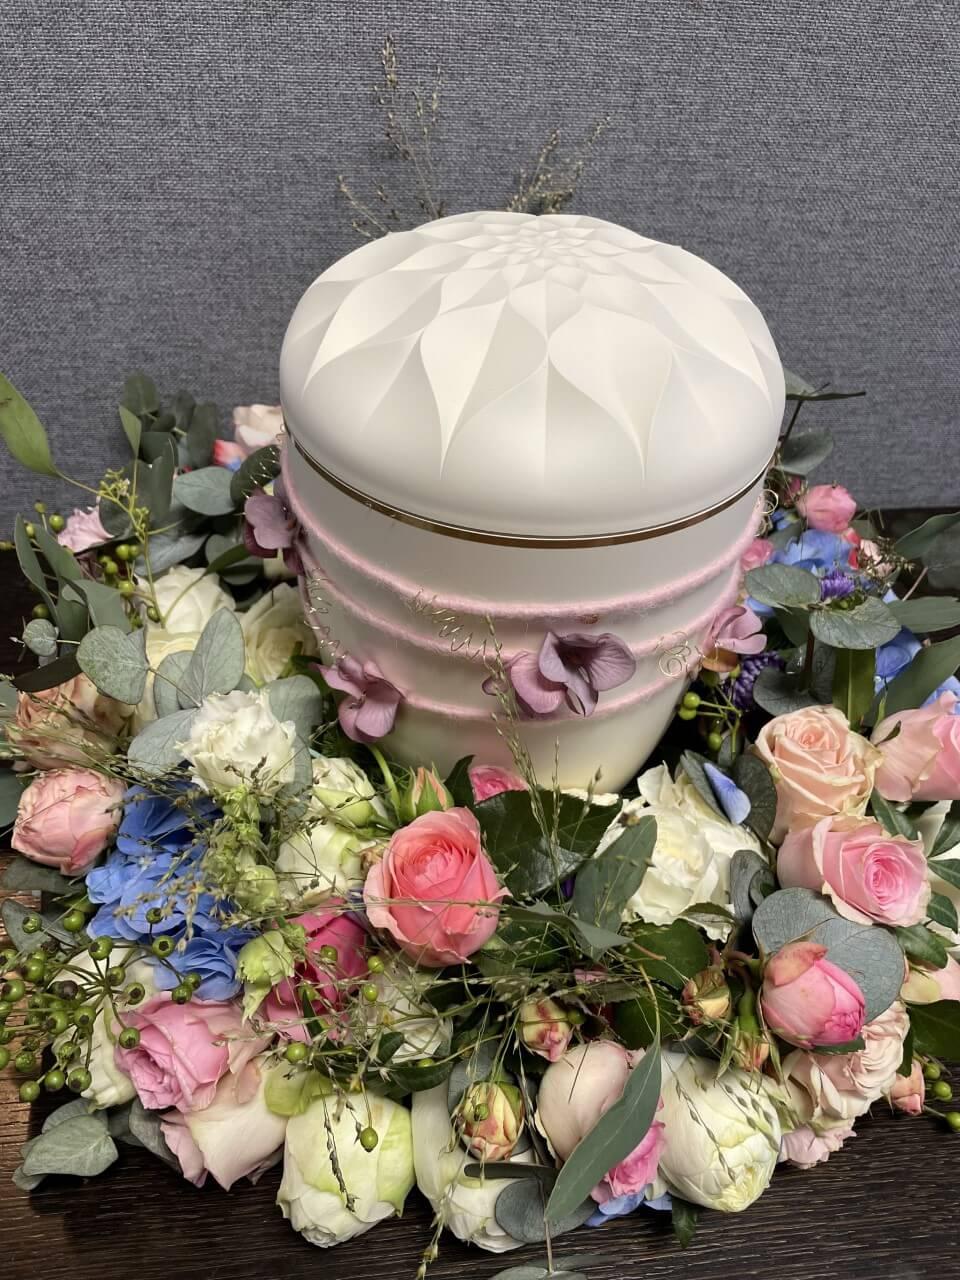 Bunter Blumenkranz mit weißer Urne und rosa Schleife